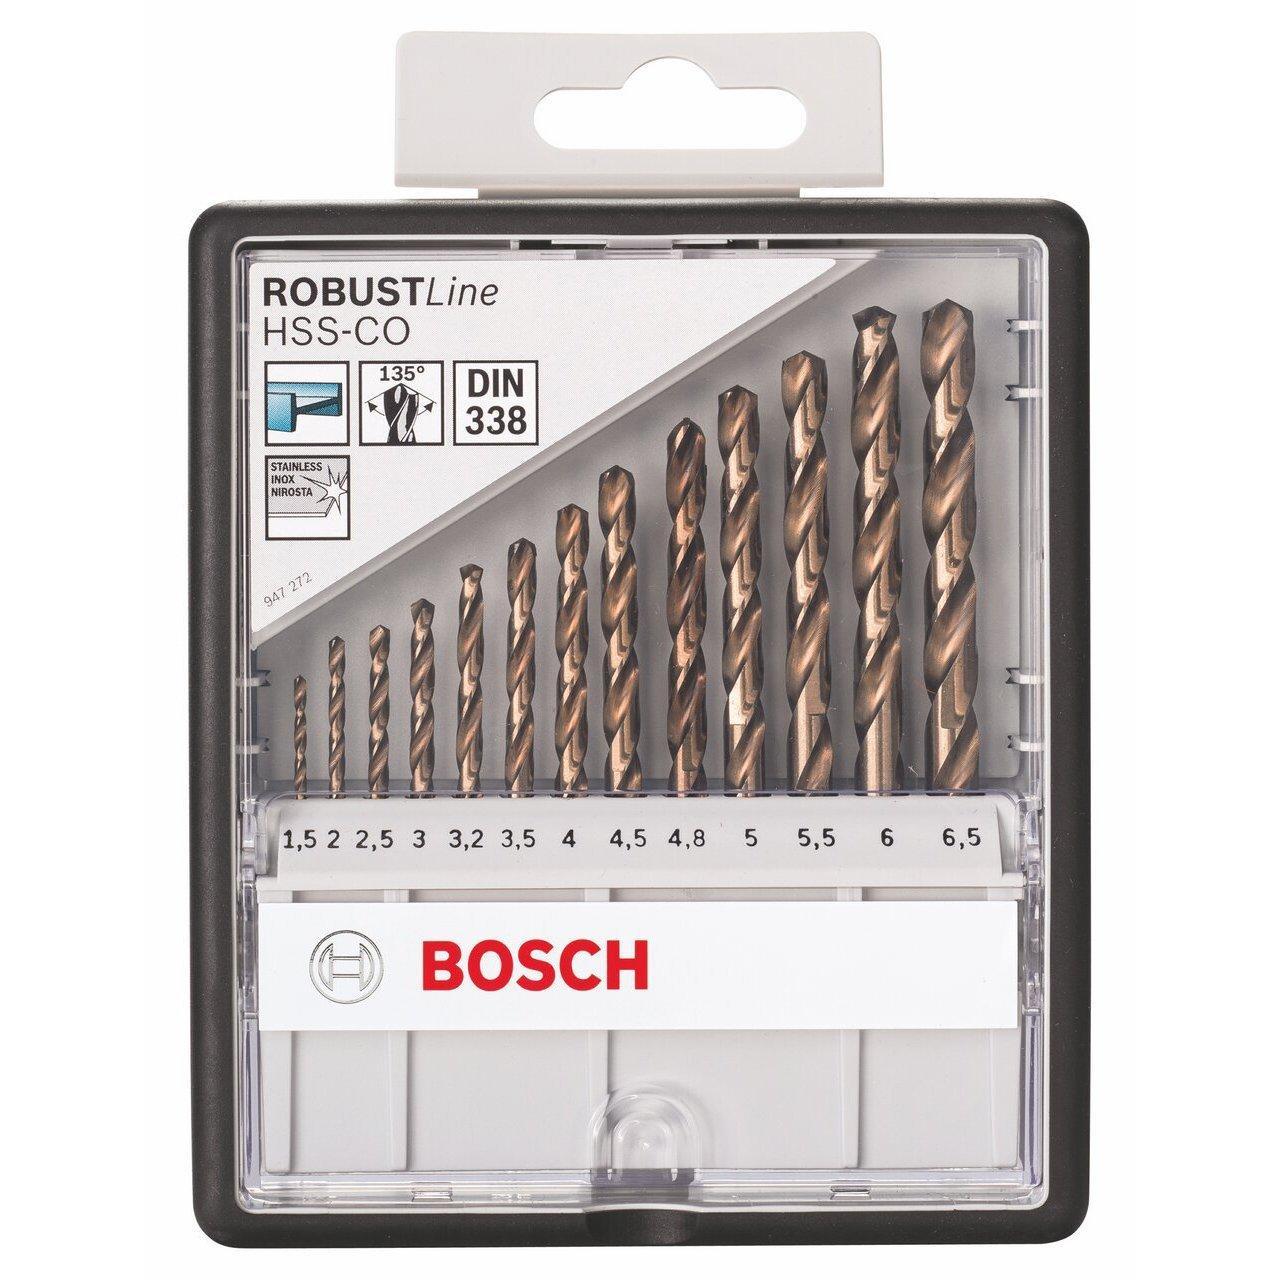 Coffret de 13 forets à métaux HSS-Co Bosch Robust Line DIN338